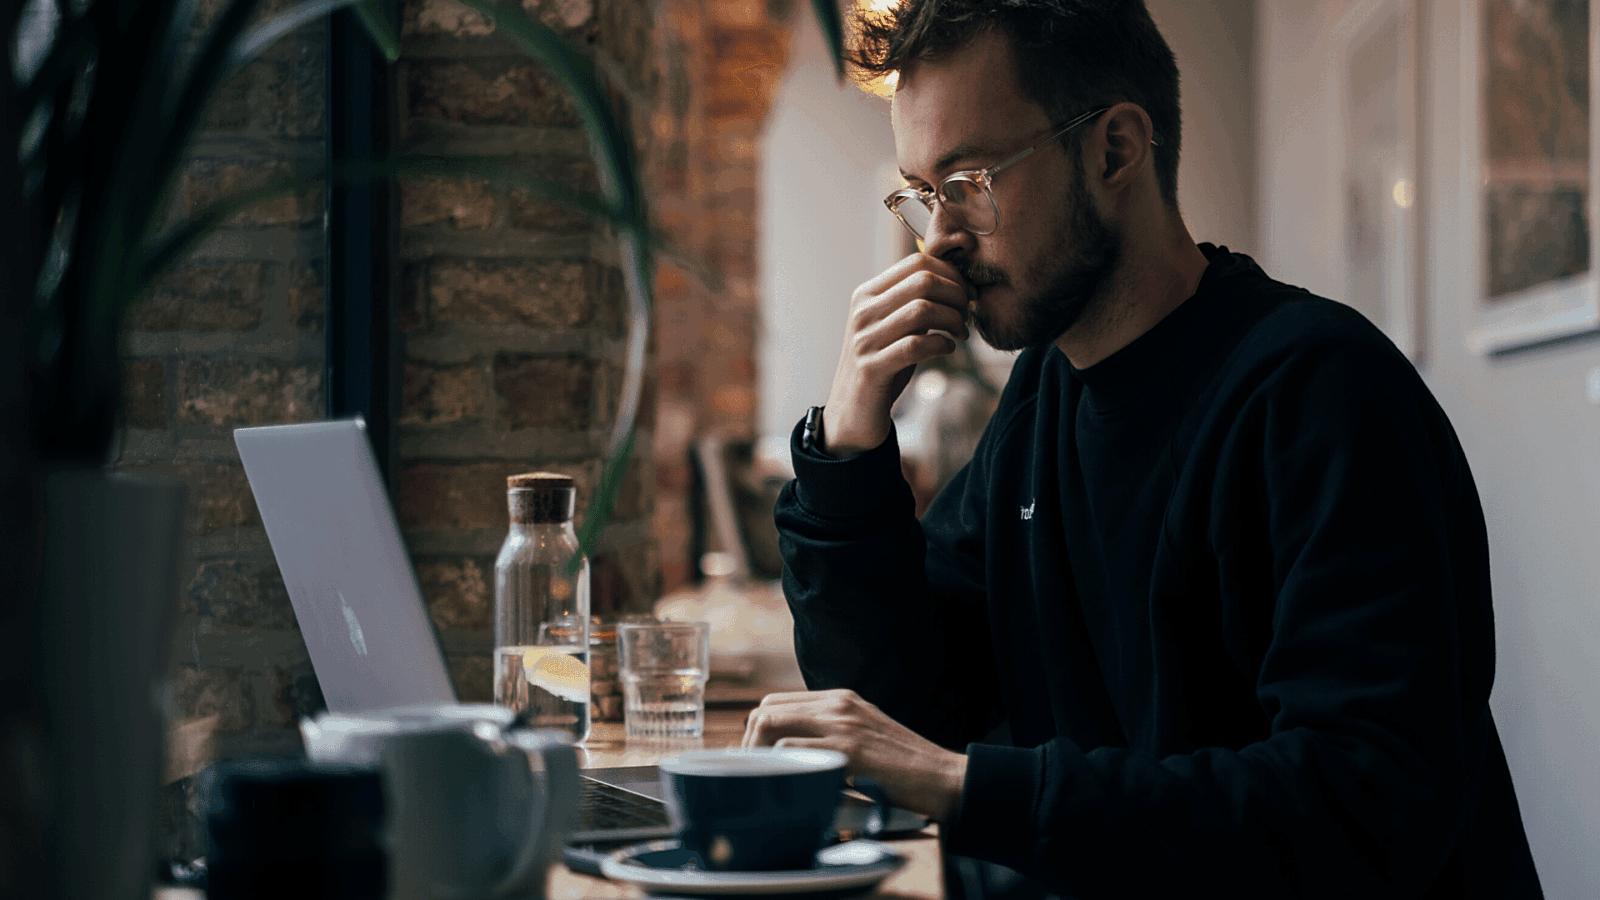 Man laptop cafe